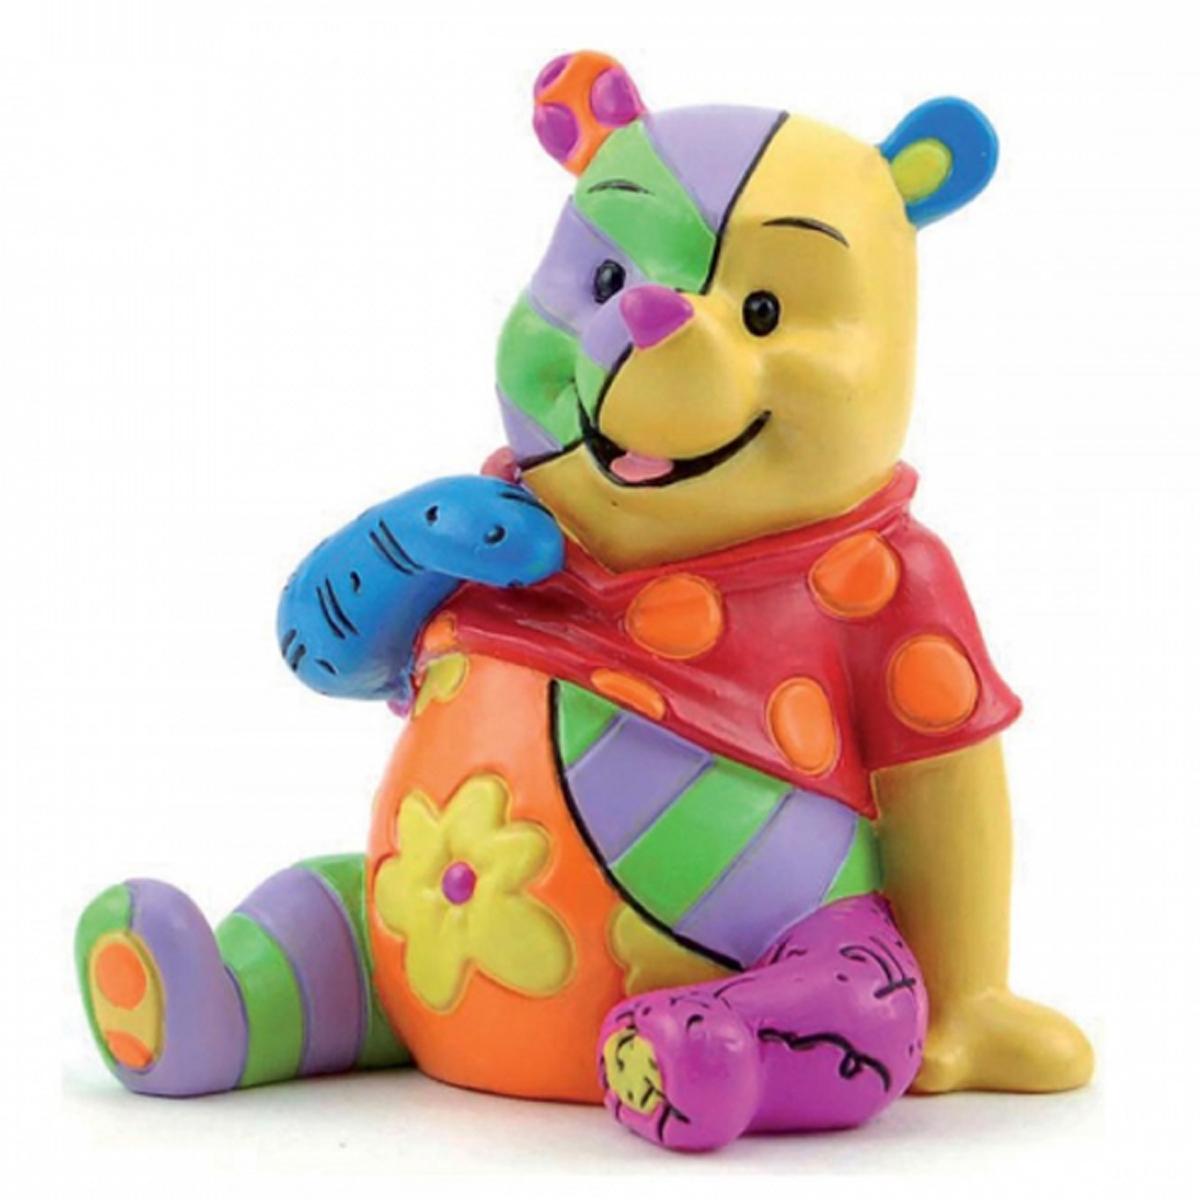 Figurine créateur \'Winnie l\'Ourson\' multicolore (Britto) - 70x50 mm - [R2021]